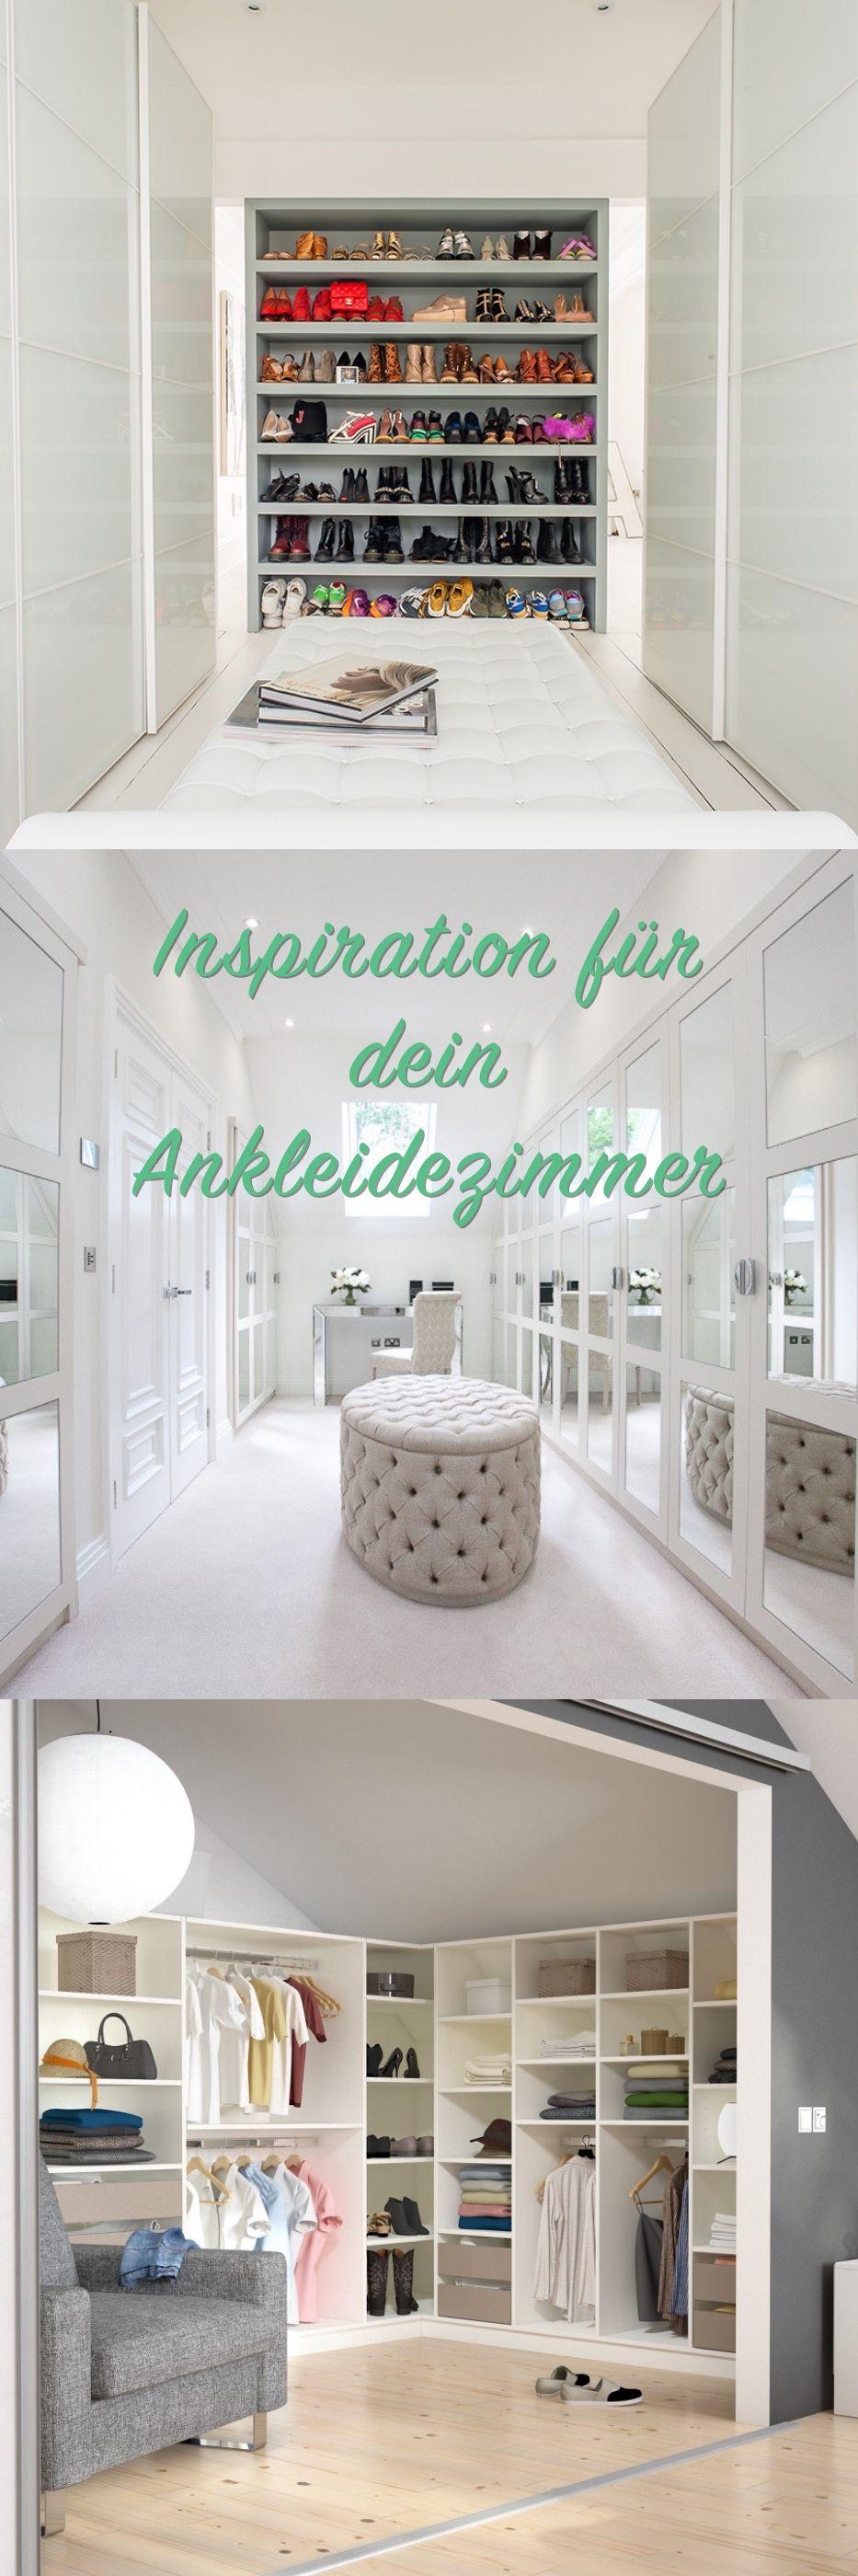 Enthralling Ankleidezimmer Gestalten Beispiele Reference Of Einrichtung, Ideen, Inspiration Und Bilder, Schlafzimmer Entwurf